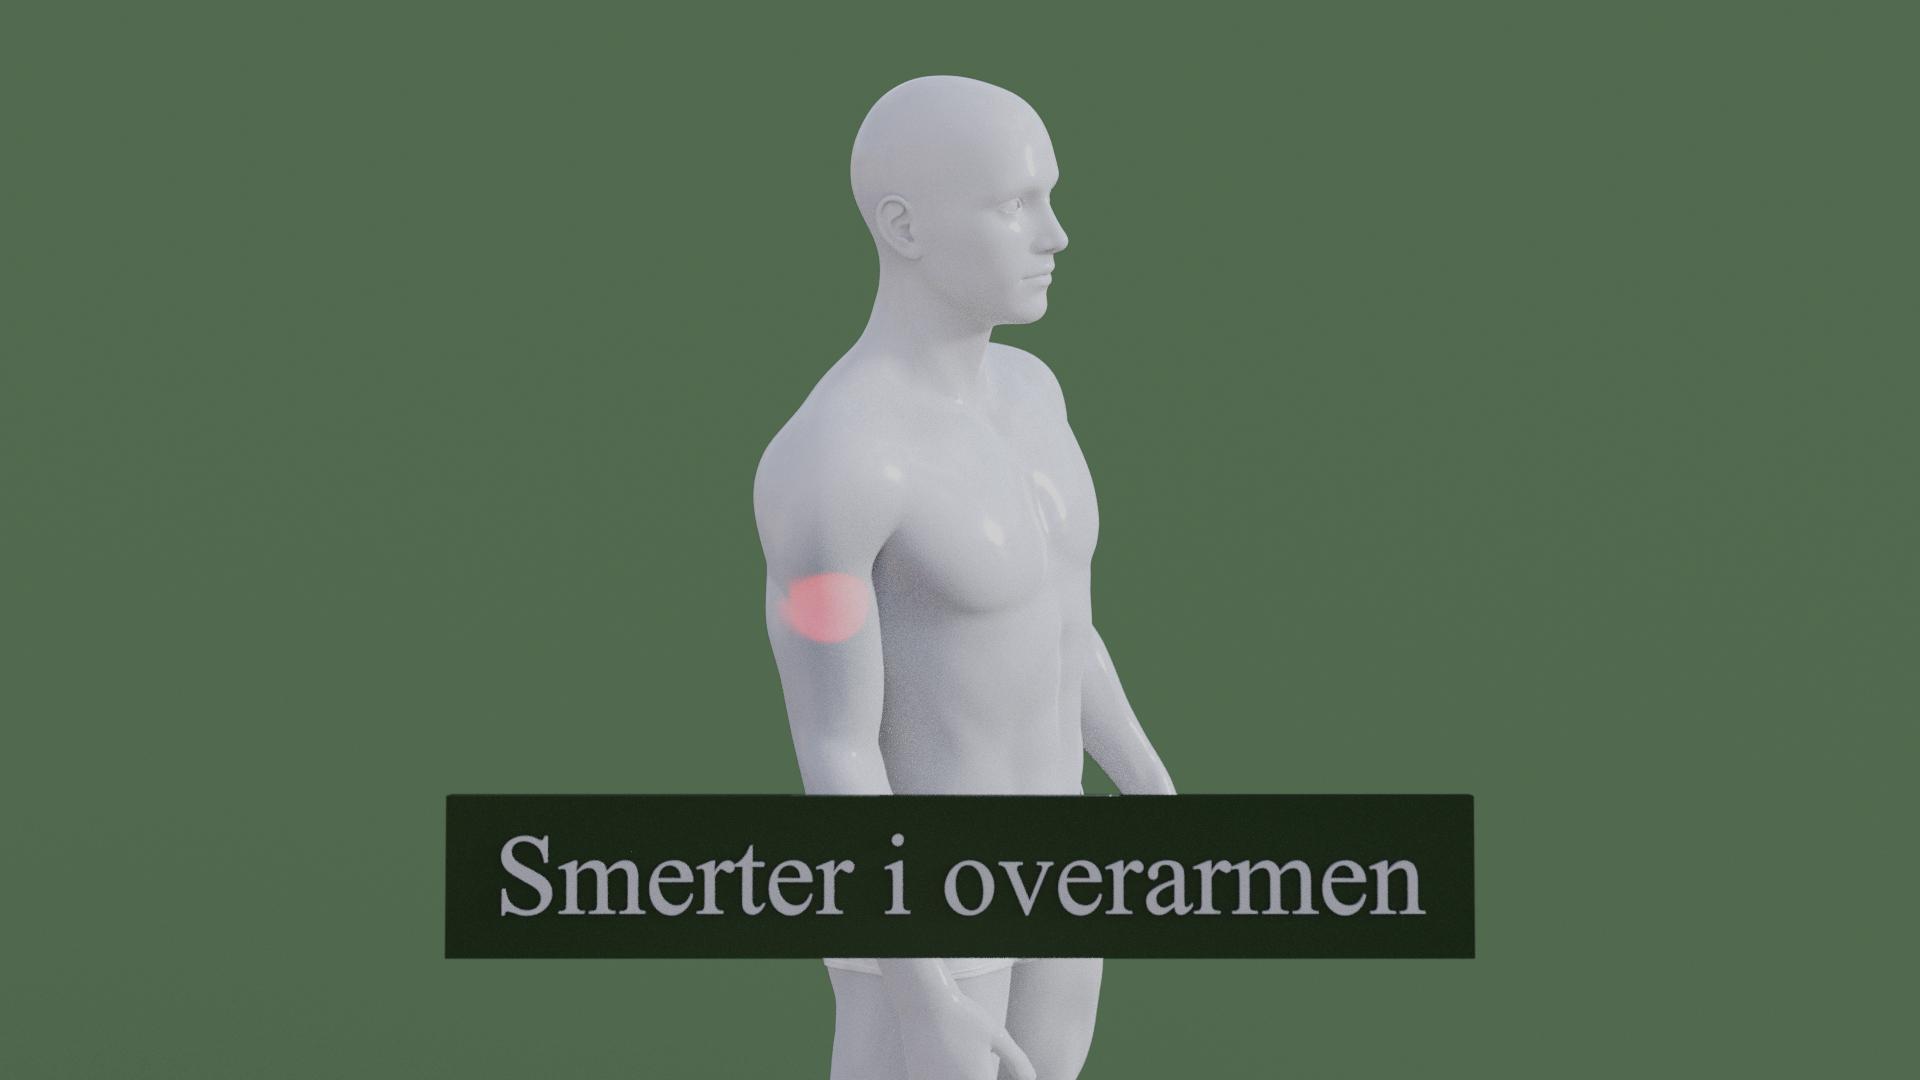 Billedet viser en 3D figur med smerter i overarmen. Den røde farve på armen symboliserer smerterne.